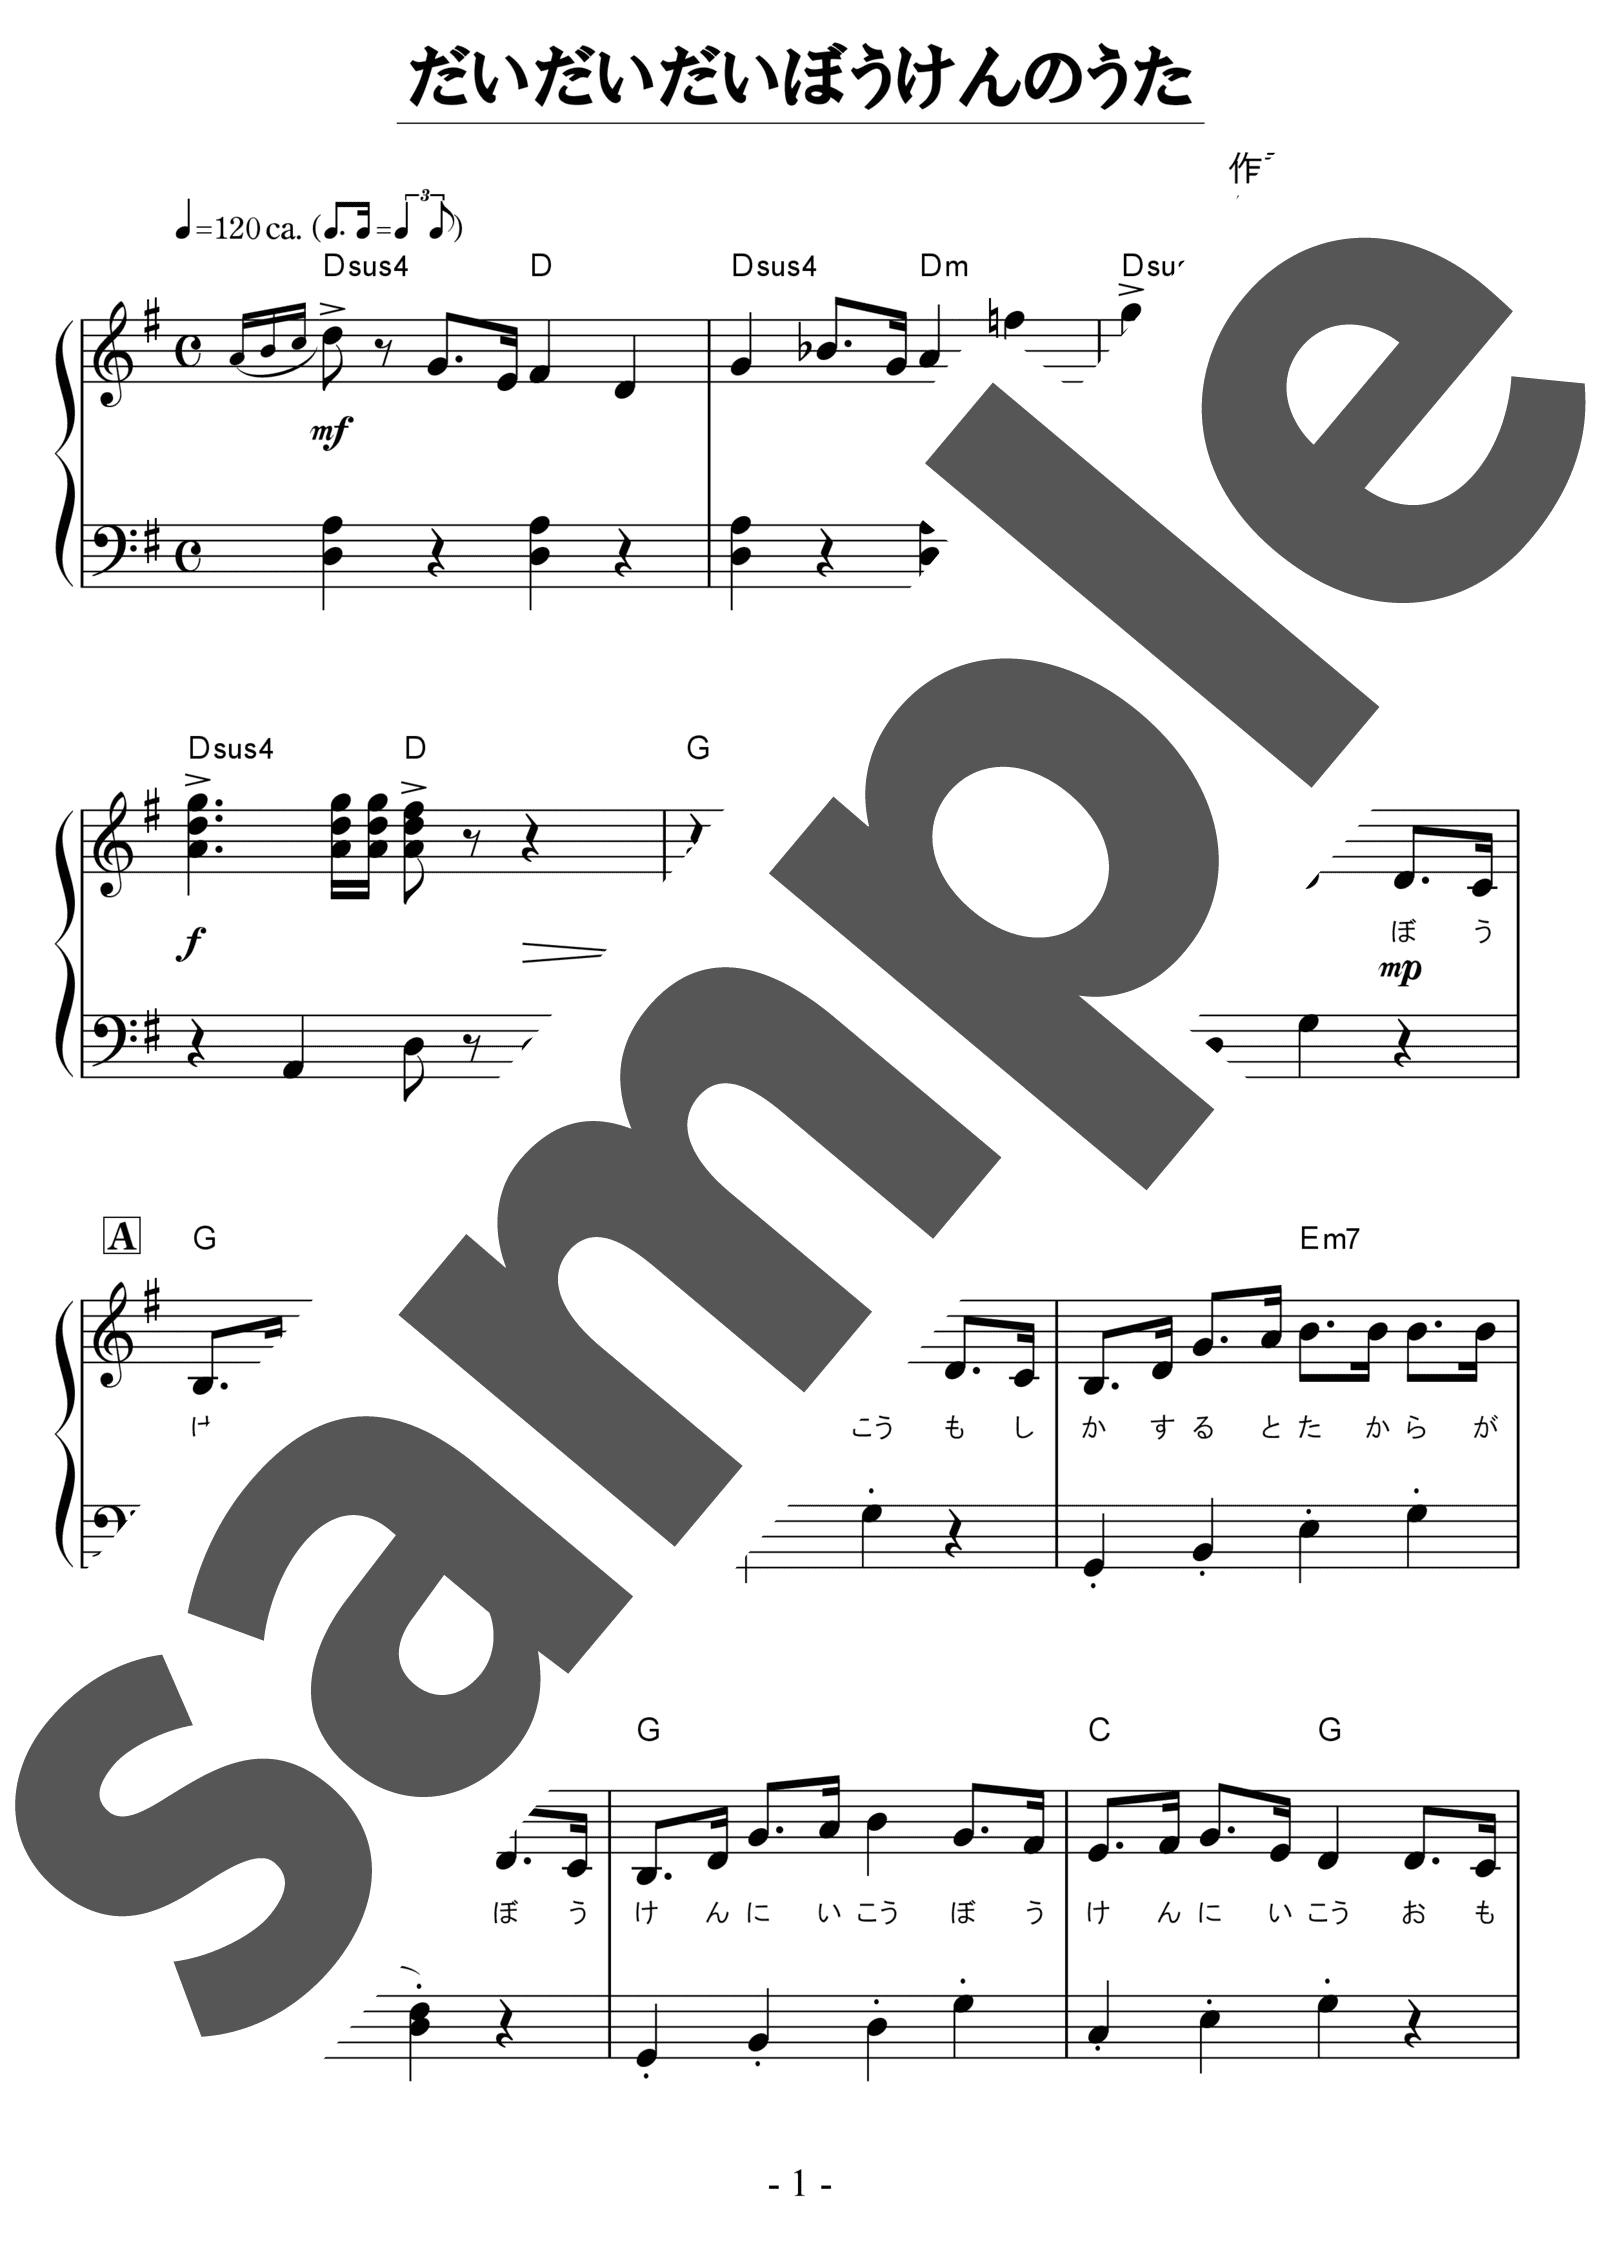 「だいだいだいぼうけんのうた」のサンプル楽譜